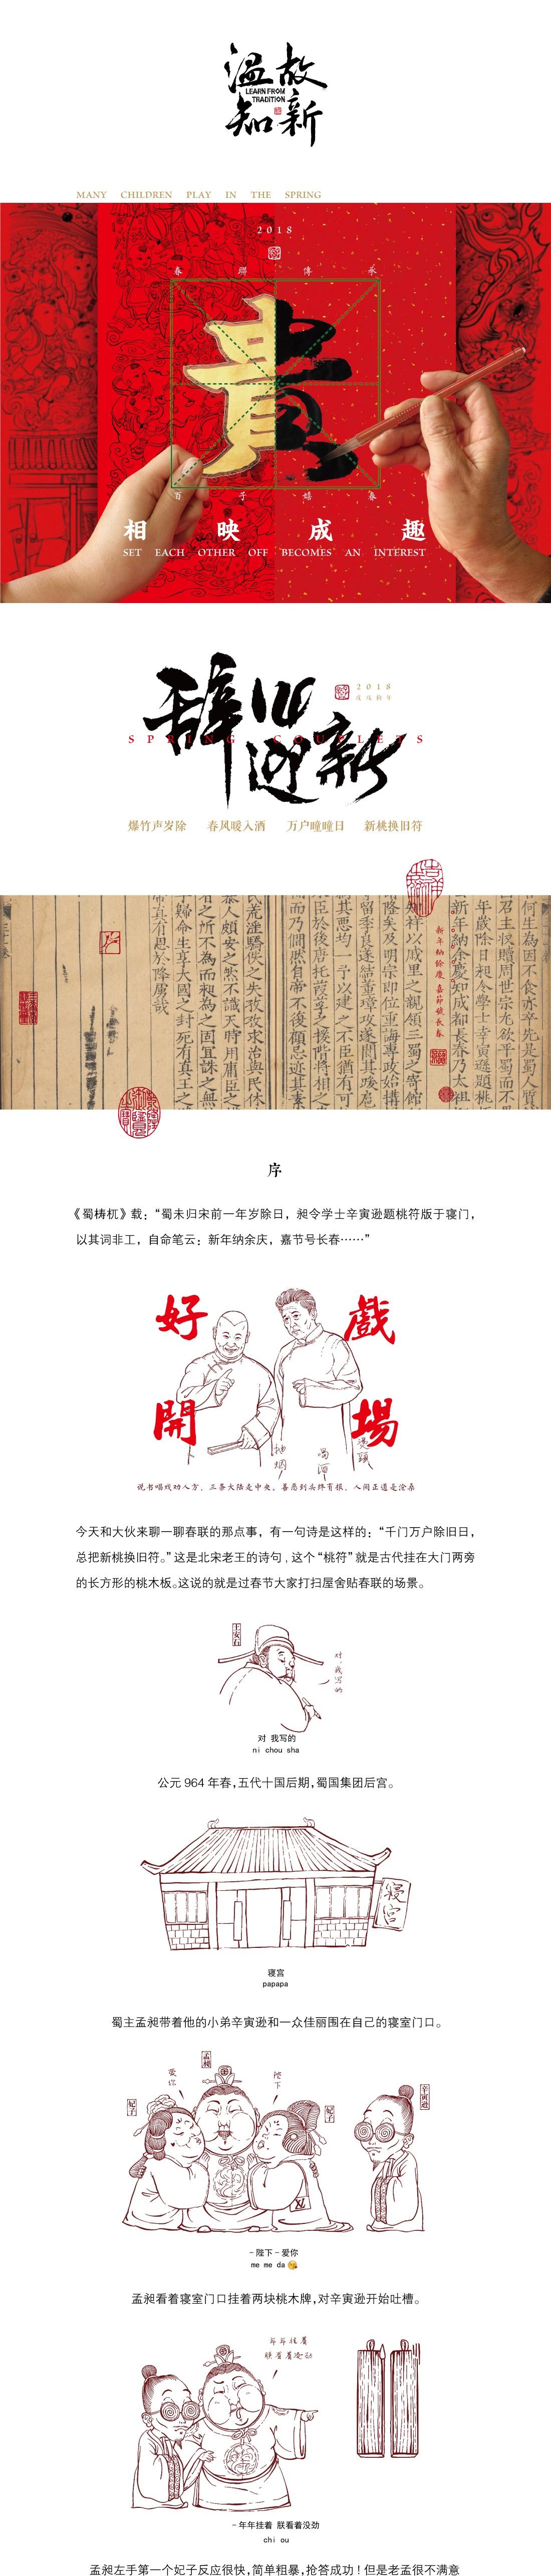 【温故知新】南天门之百子嬉春